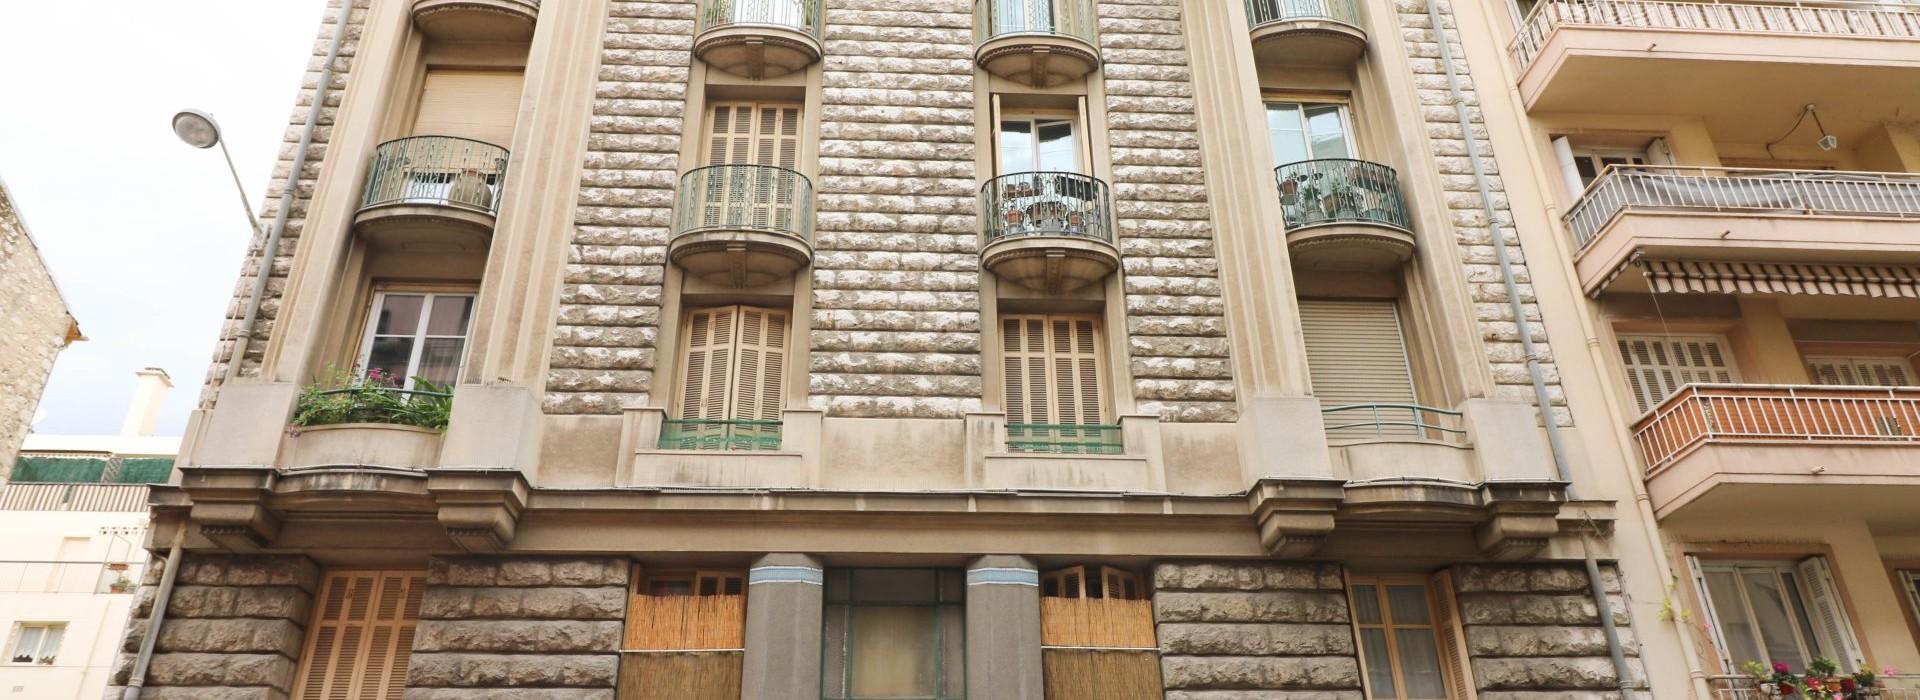 Appartement Nice 2 Pièces 34m2 120,000€